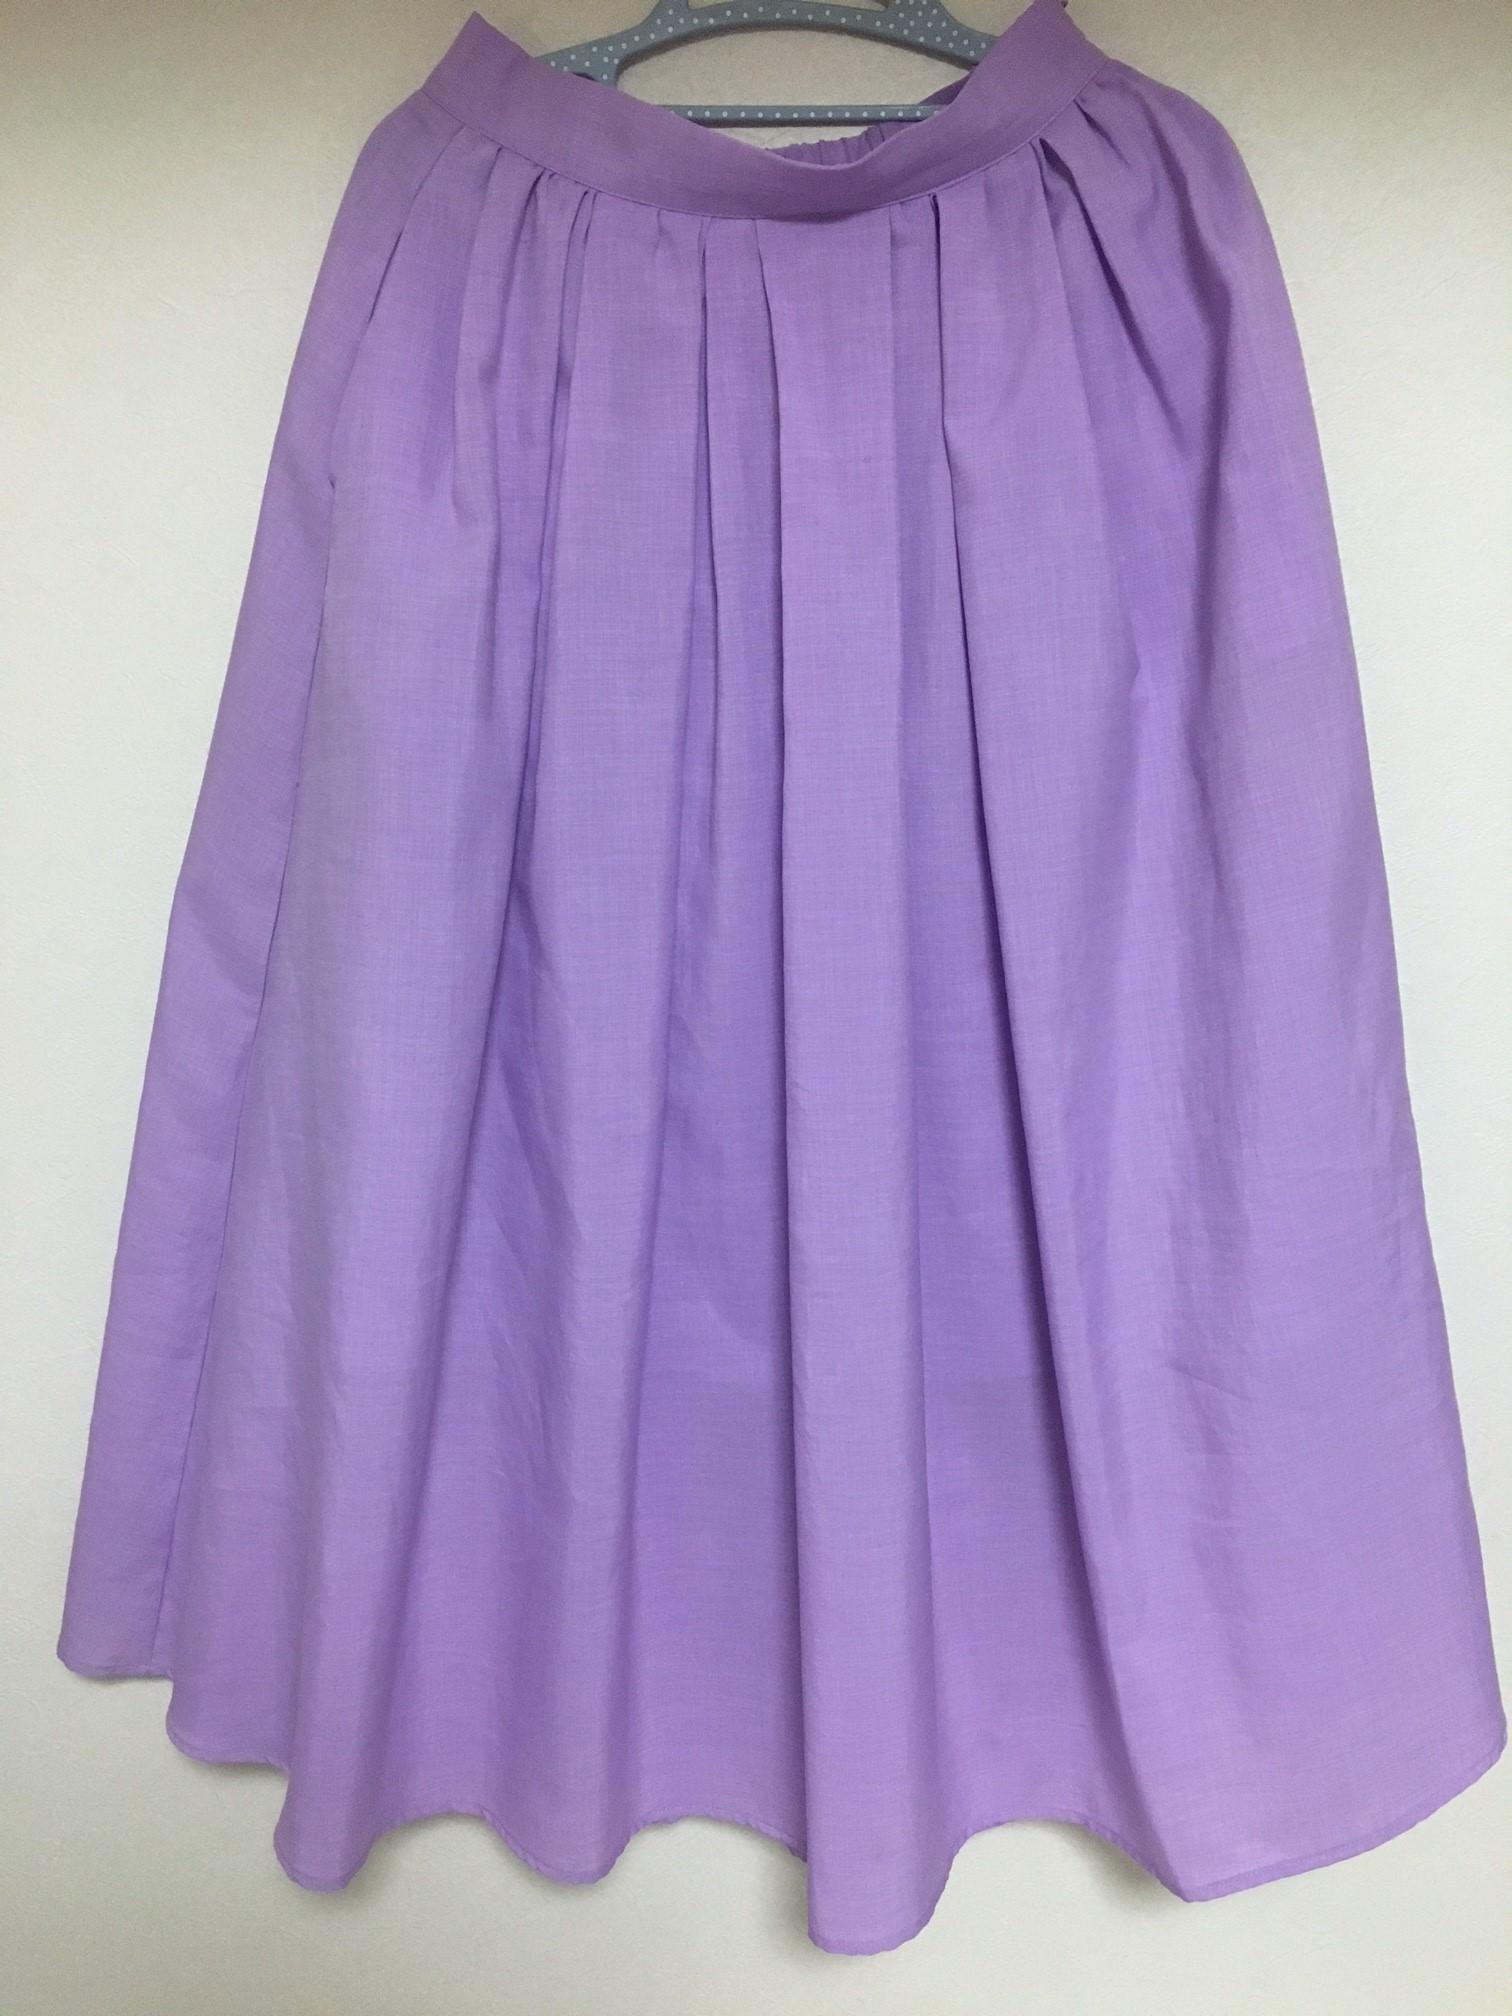 大きめさんの「ふんわりスカート選び」とプチプラGUバレエシューズ_1_2